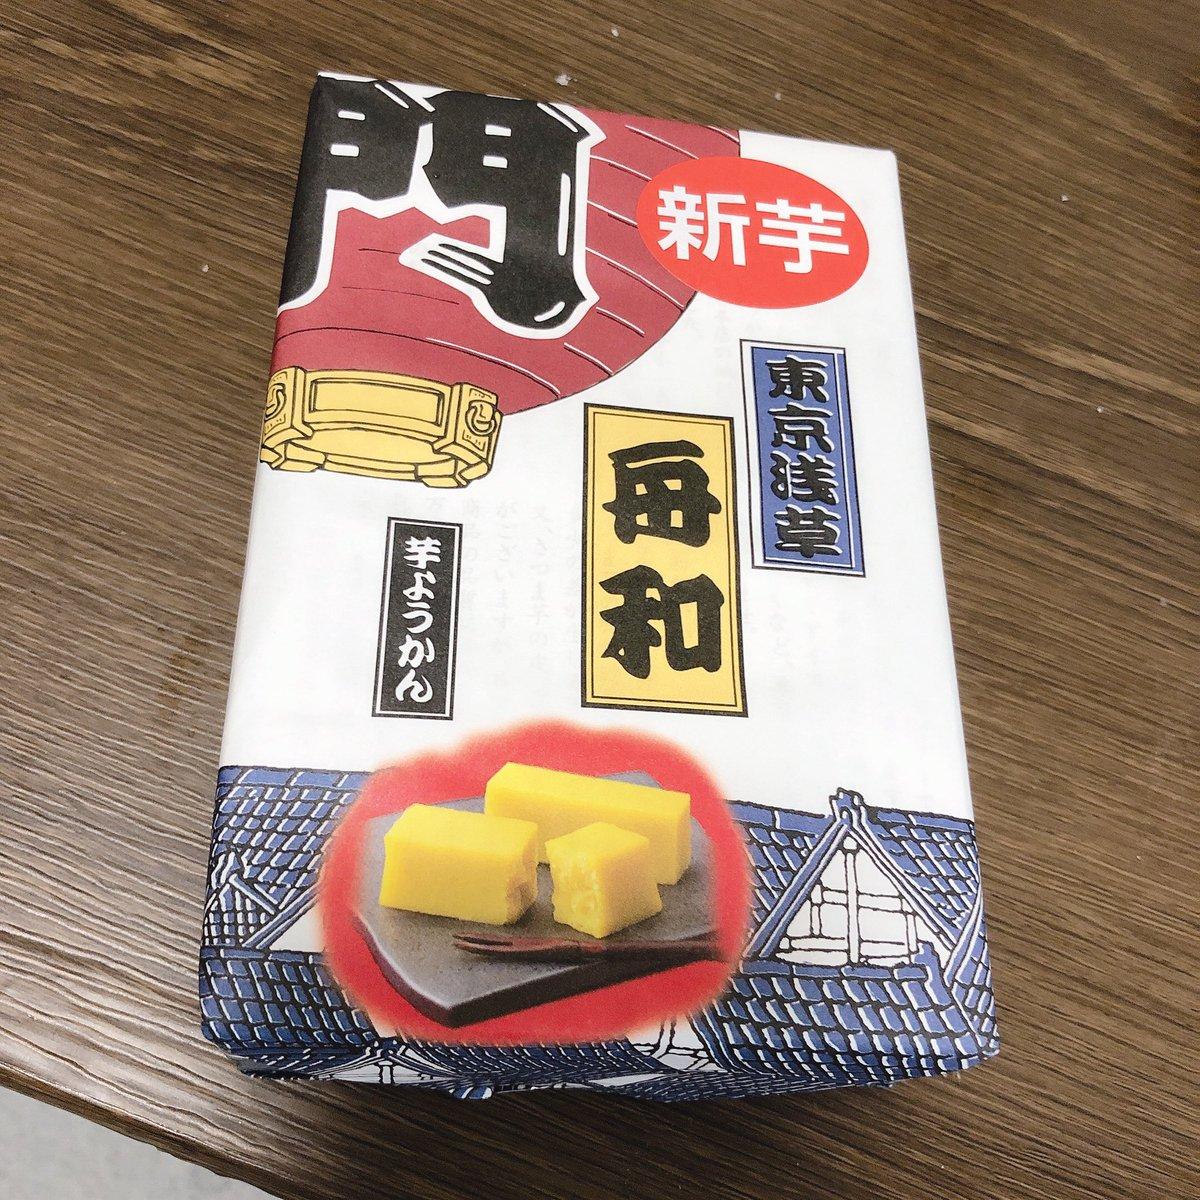 test ツイッターメディア - 大大大好きな舟和の芋ようかんたべる🥰  大阪に居るのに食べれる時代。 幸せ〜 https://t.co/Dp5qquw4di